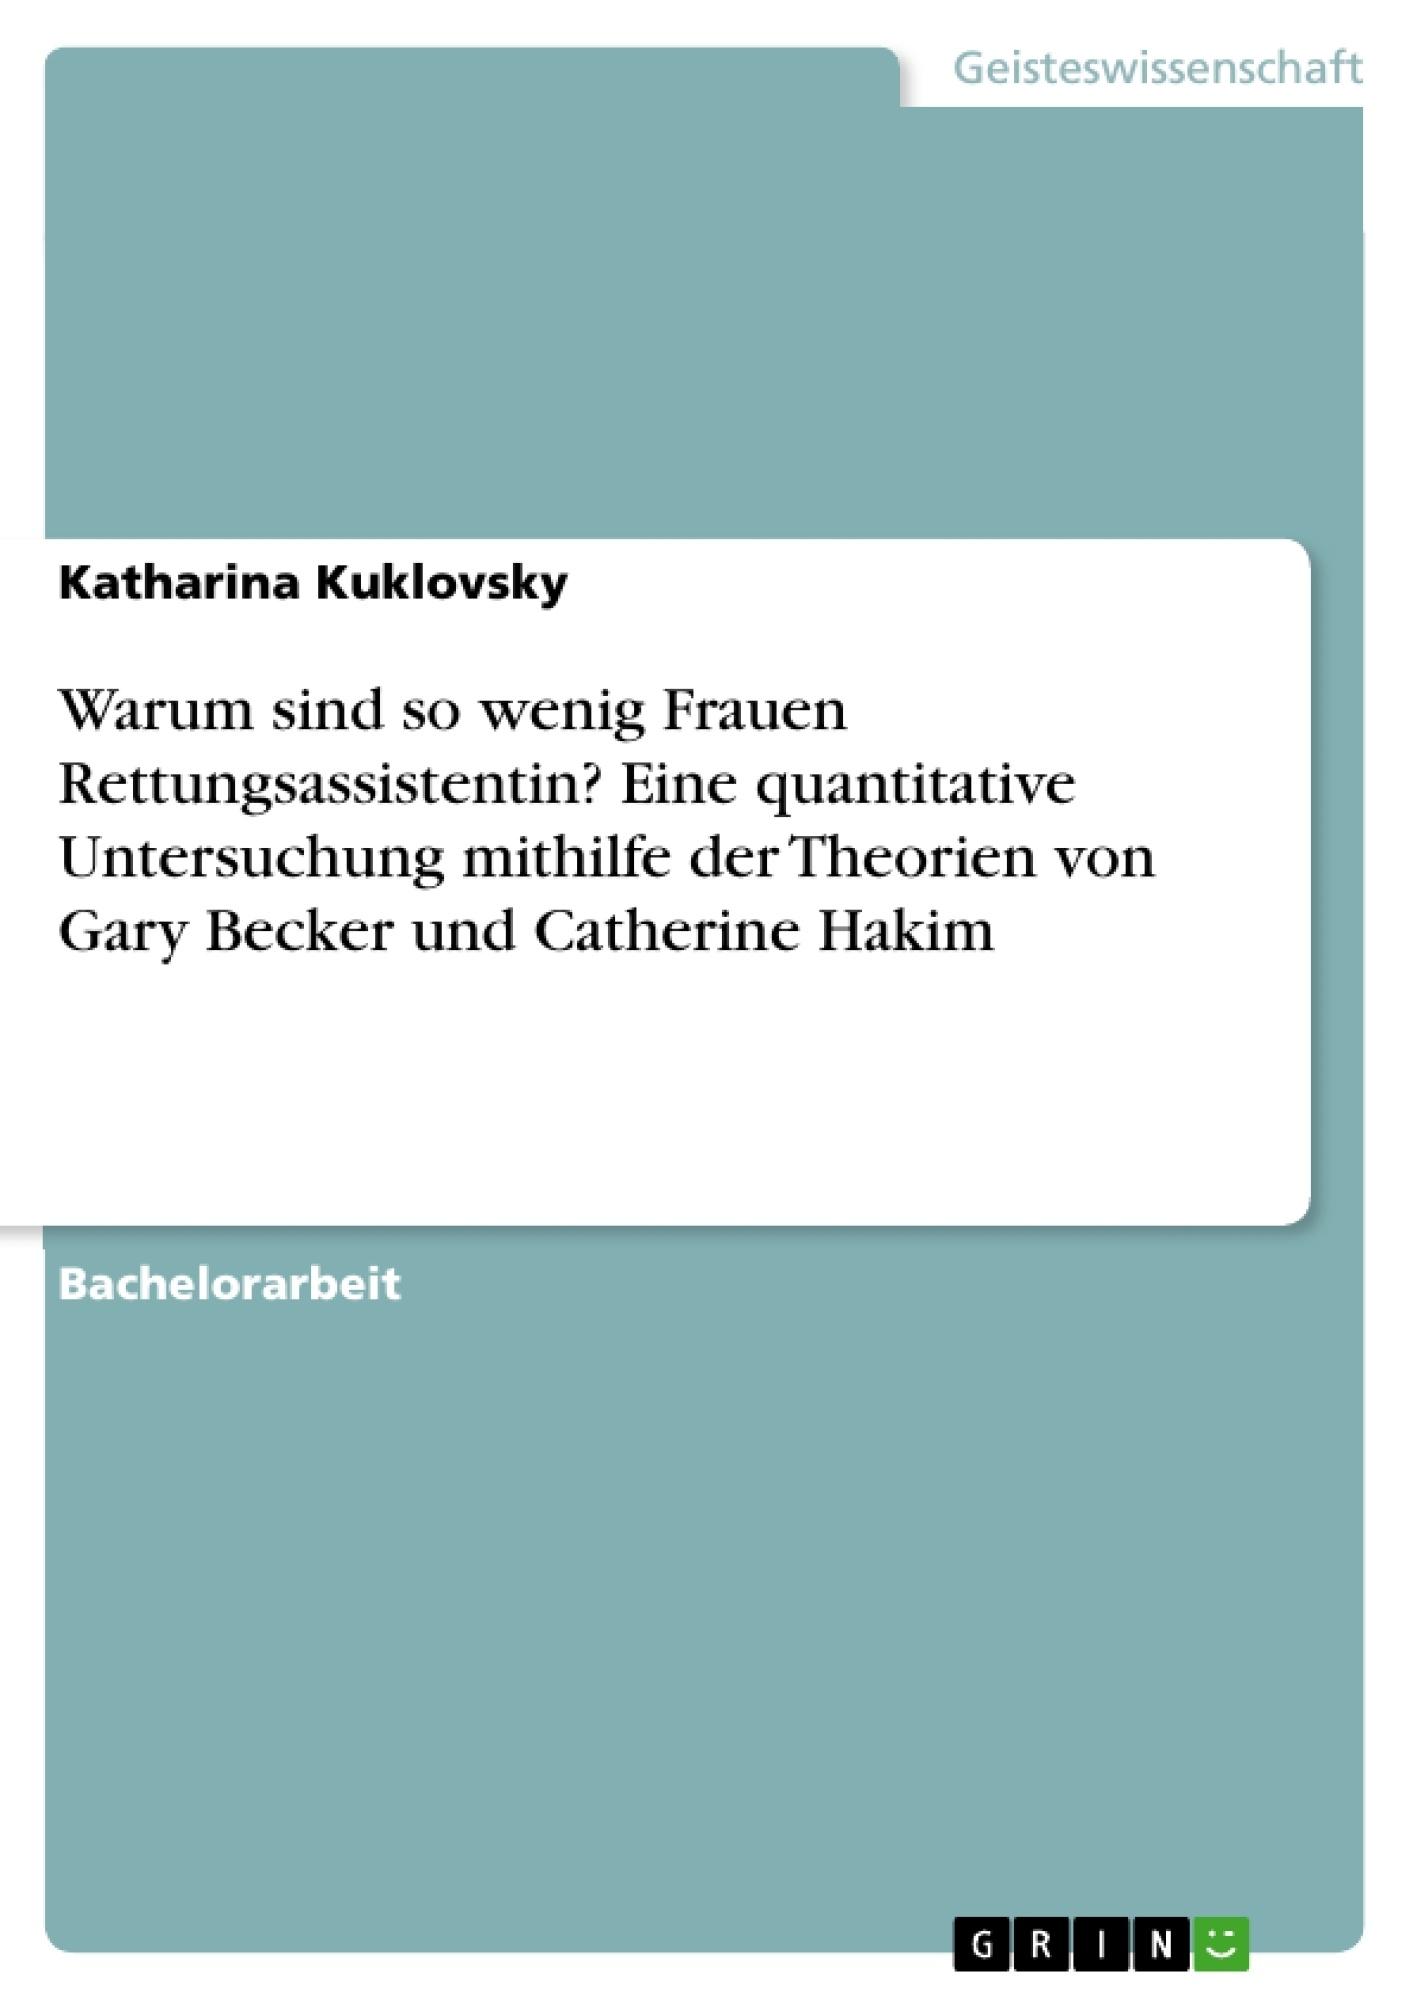 Titel: Warum sind so wenig Frauen Rettungsassistentin? Eine quantitative Untersuchung mithilfe der Theorien von Gary Becker und Catherine Hakim